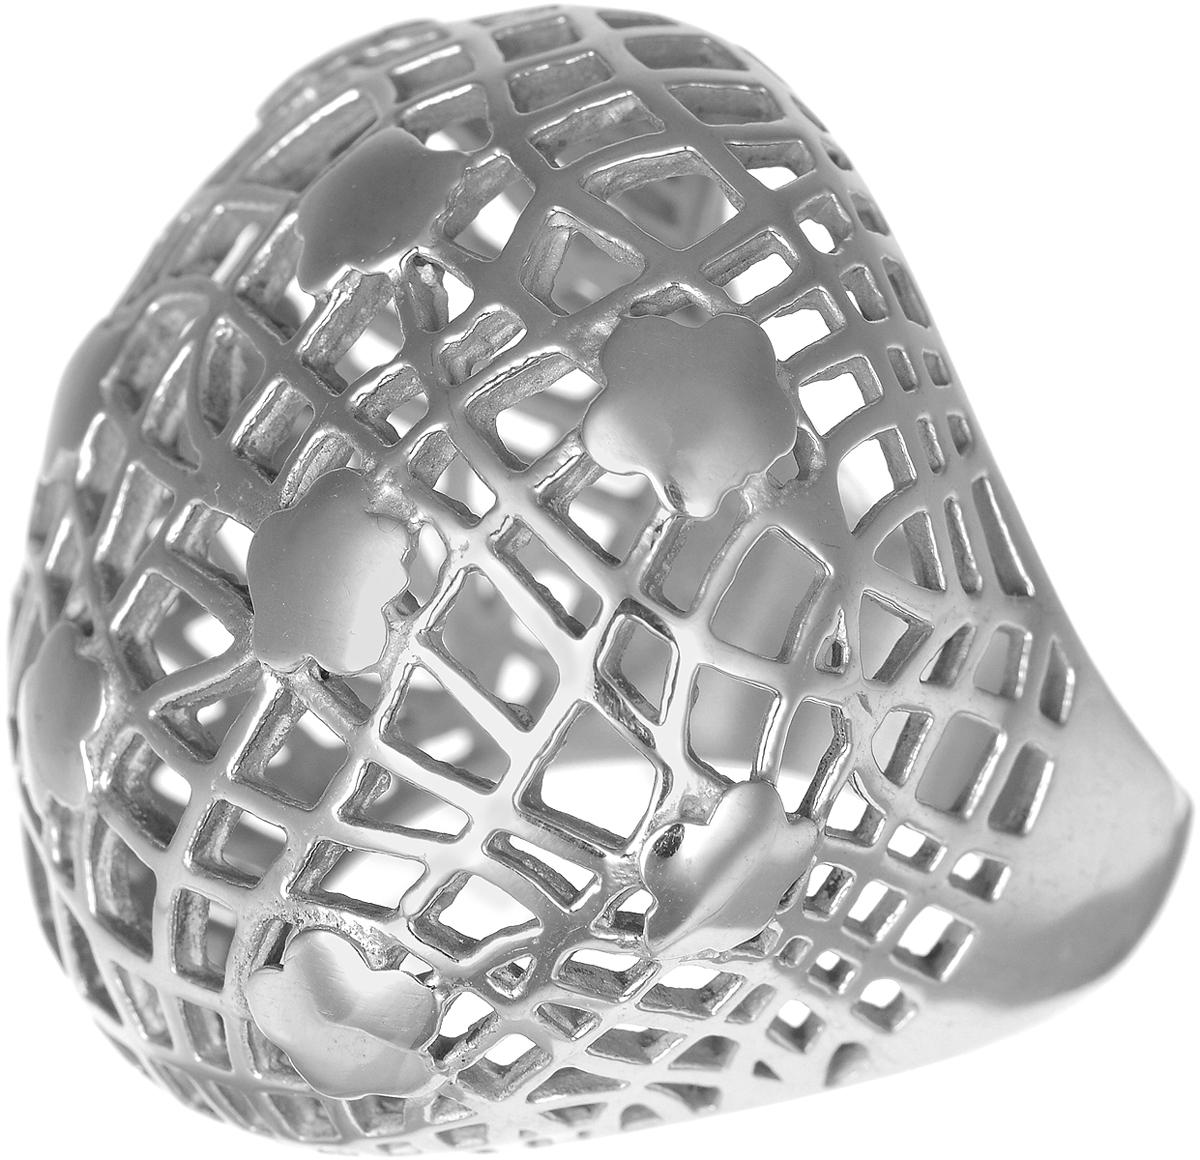 Кольцо Polina Selezneva, цвет: серебристый. DG-0001. Размер 17DG-0001Стильное кольцо Polina Selezneva изготовлено из качественного металлического сплава и выполнено в оригинальном дизайне. Массивное кольцо оформлено резным узором.